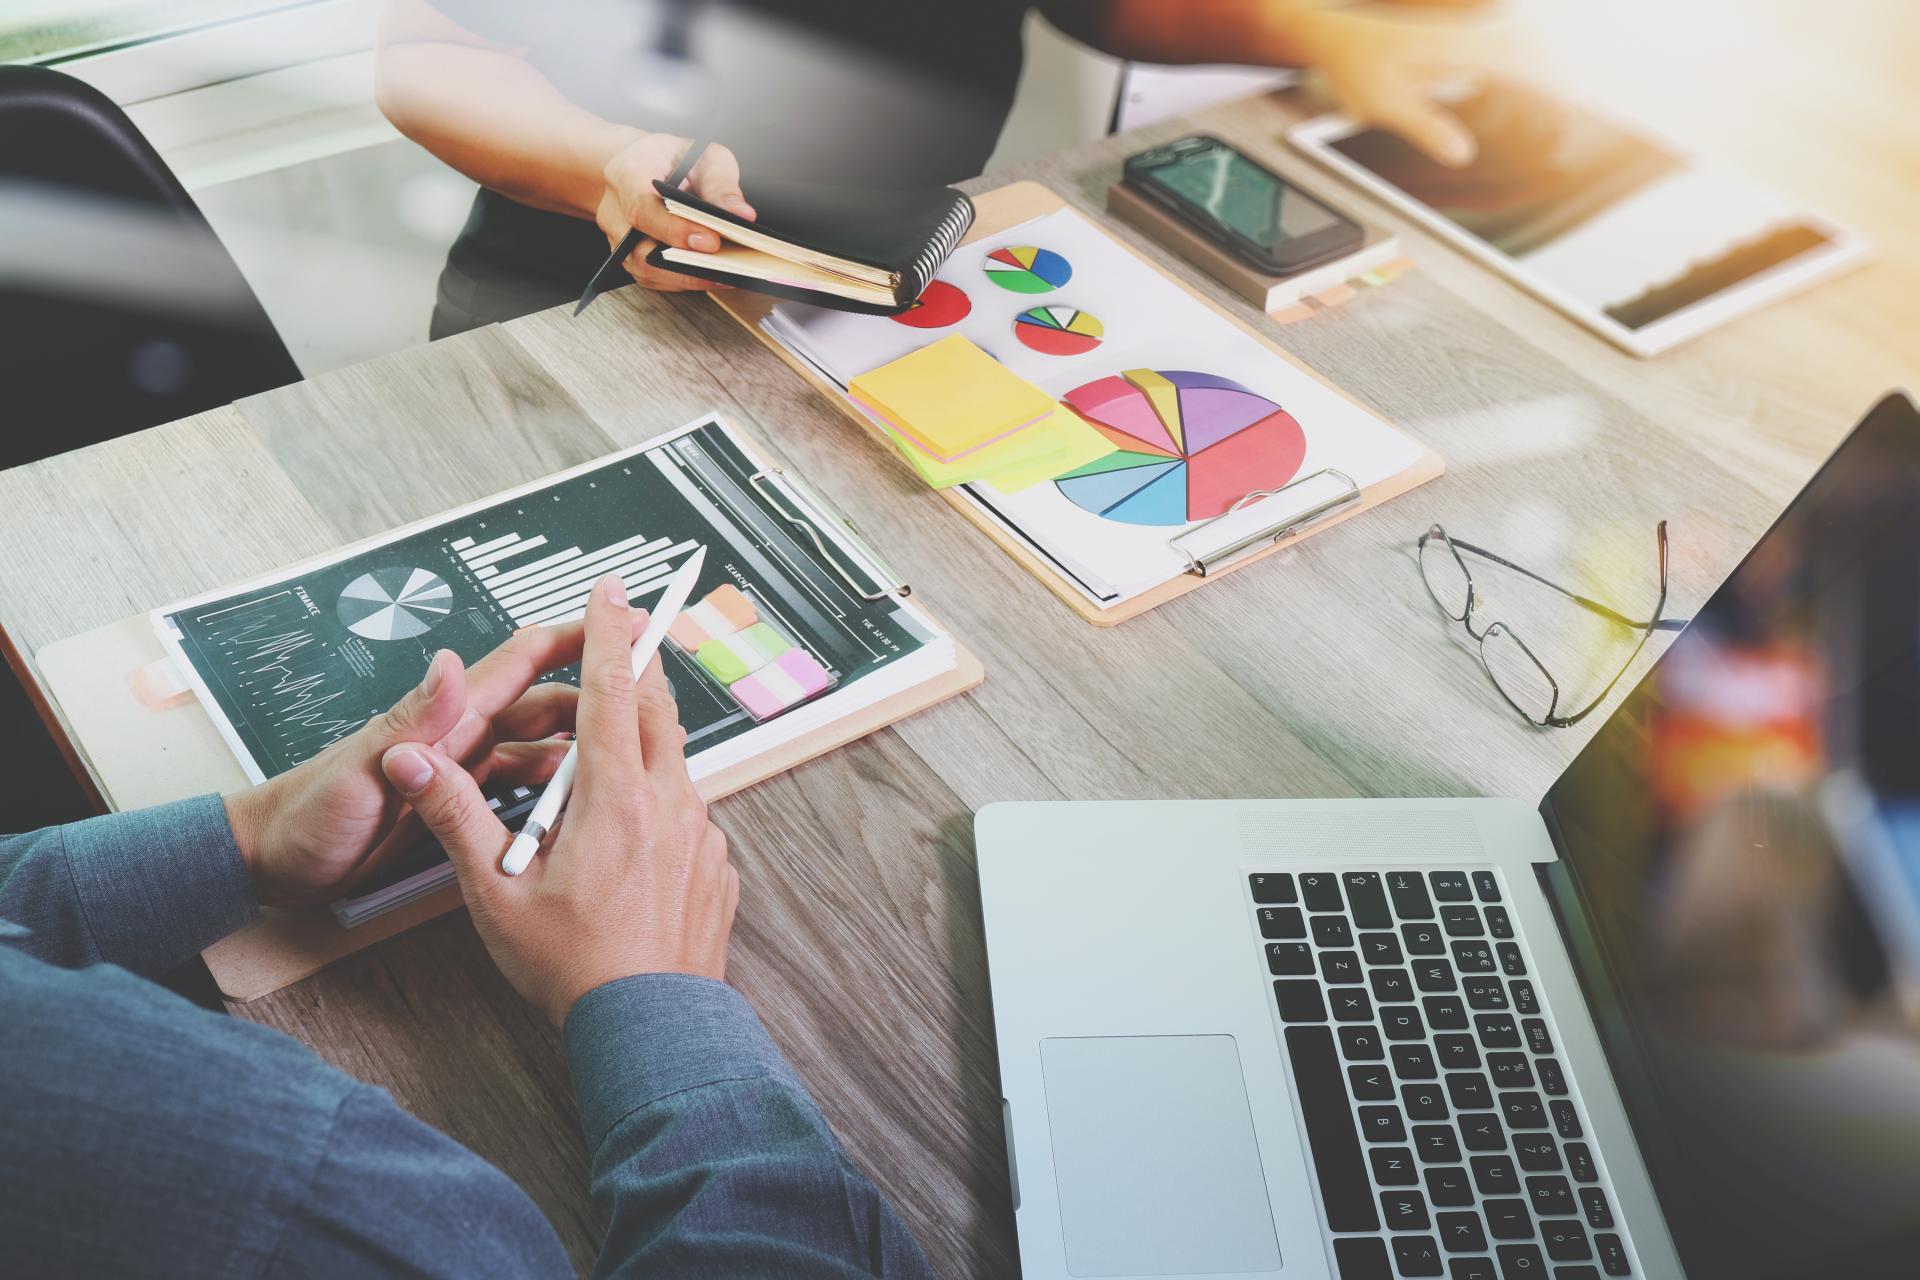 ¿Qué estrategias son más recomendadas para captar nuevos clientes con herramientas digitales?, según Juan Benítez, experto en marketing digital